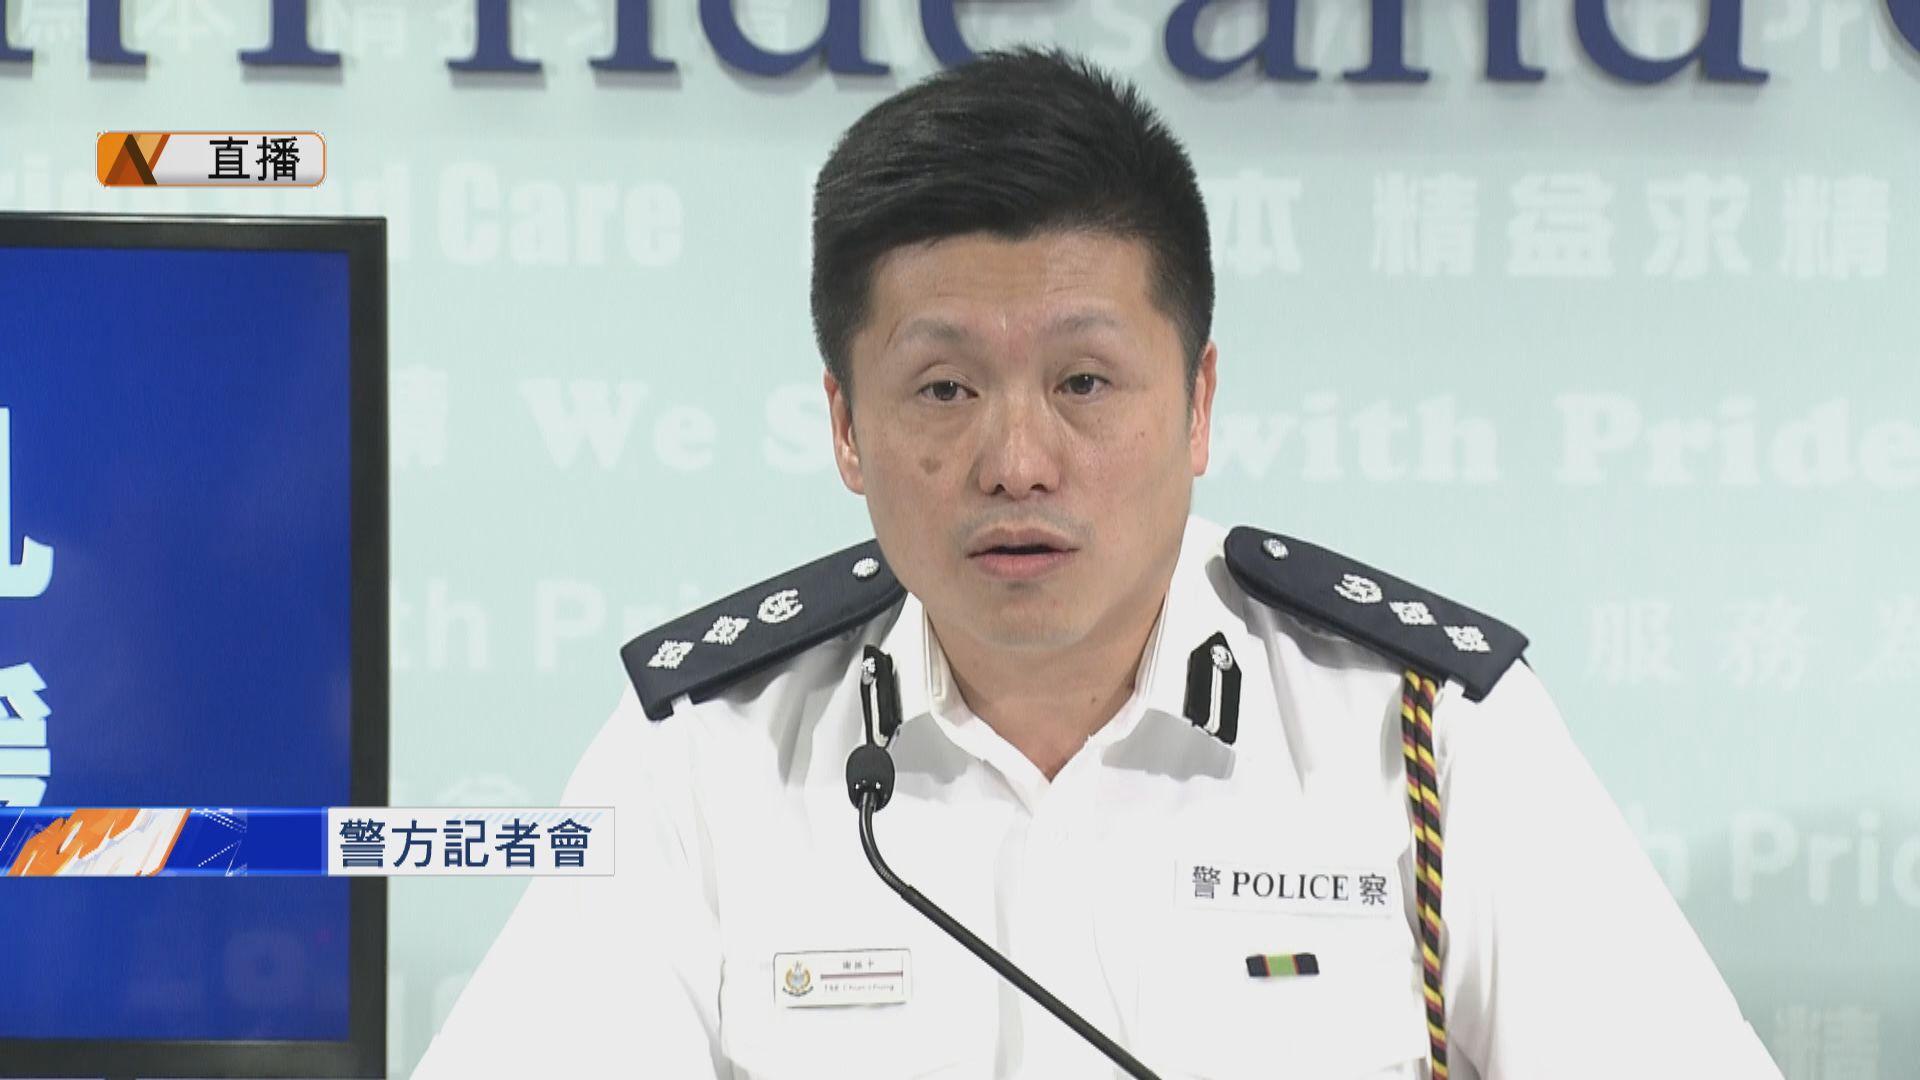 【最新】警方否認執法存差別待遇